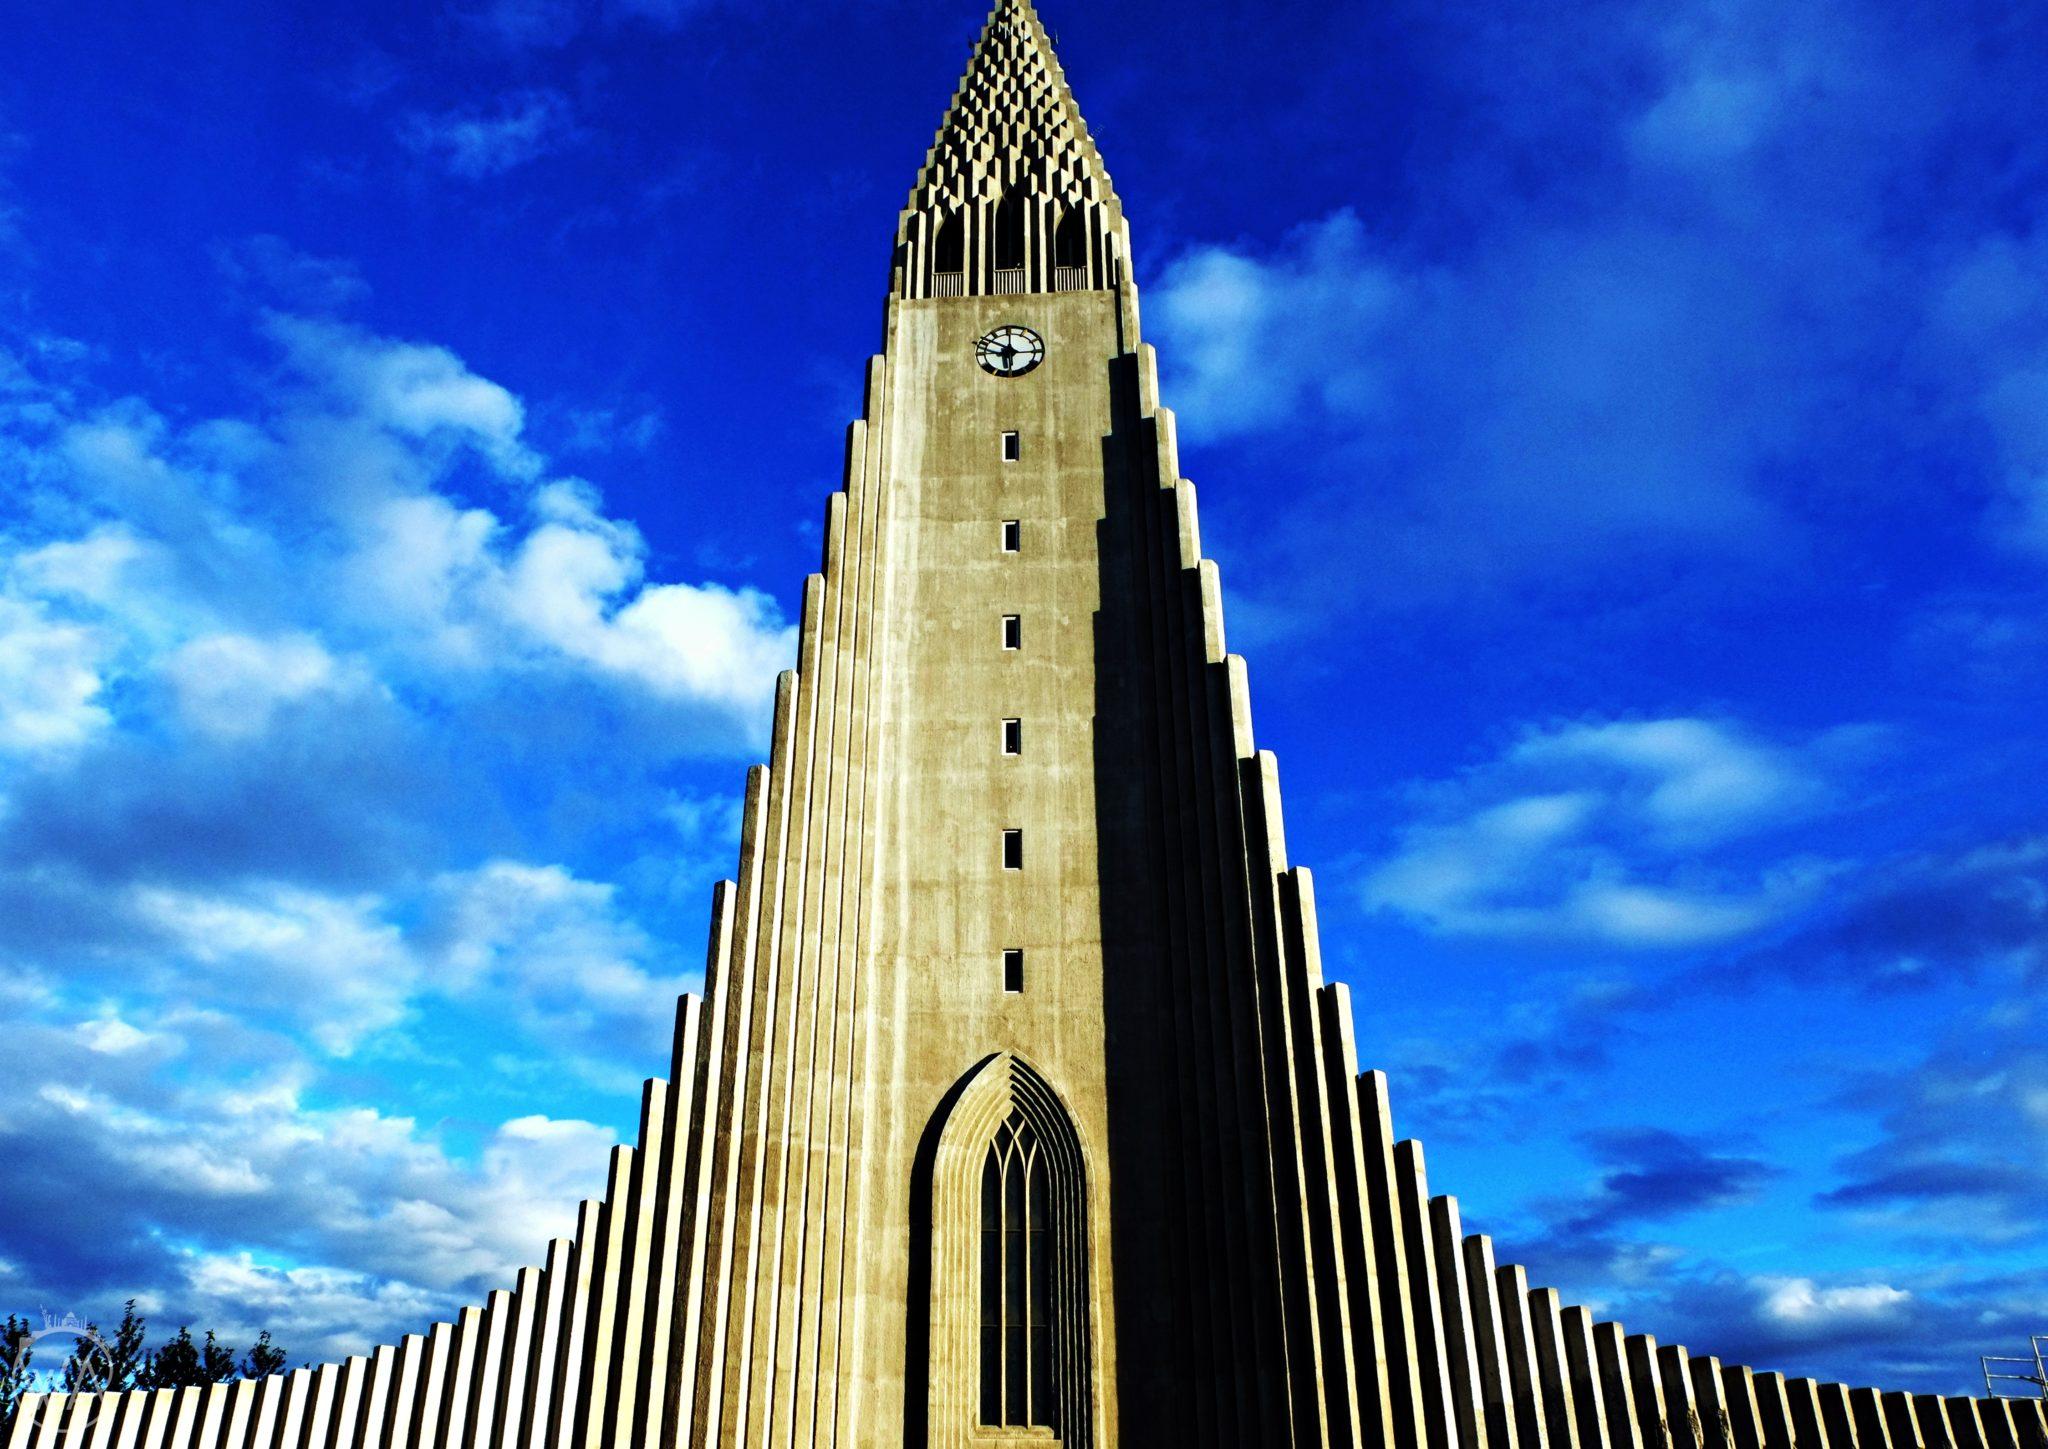 Widok na kościół Hallgrímskirkja, Reykjavik